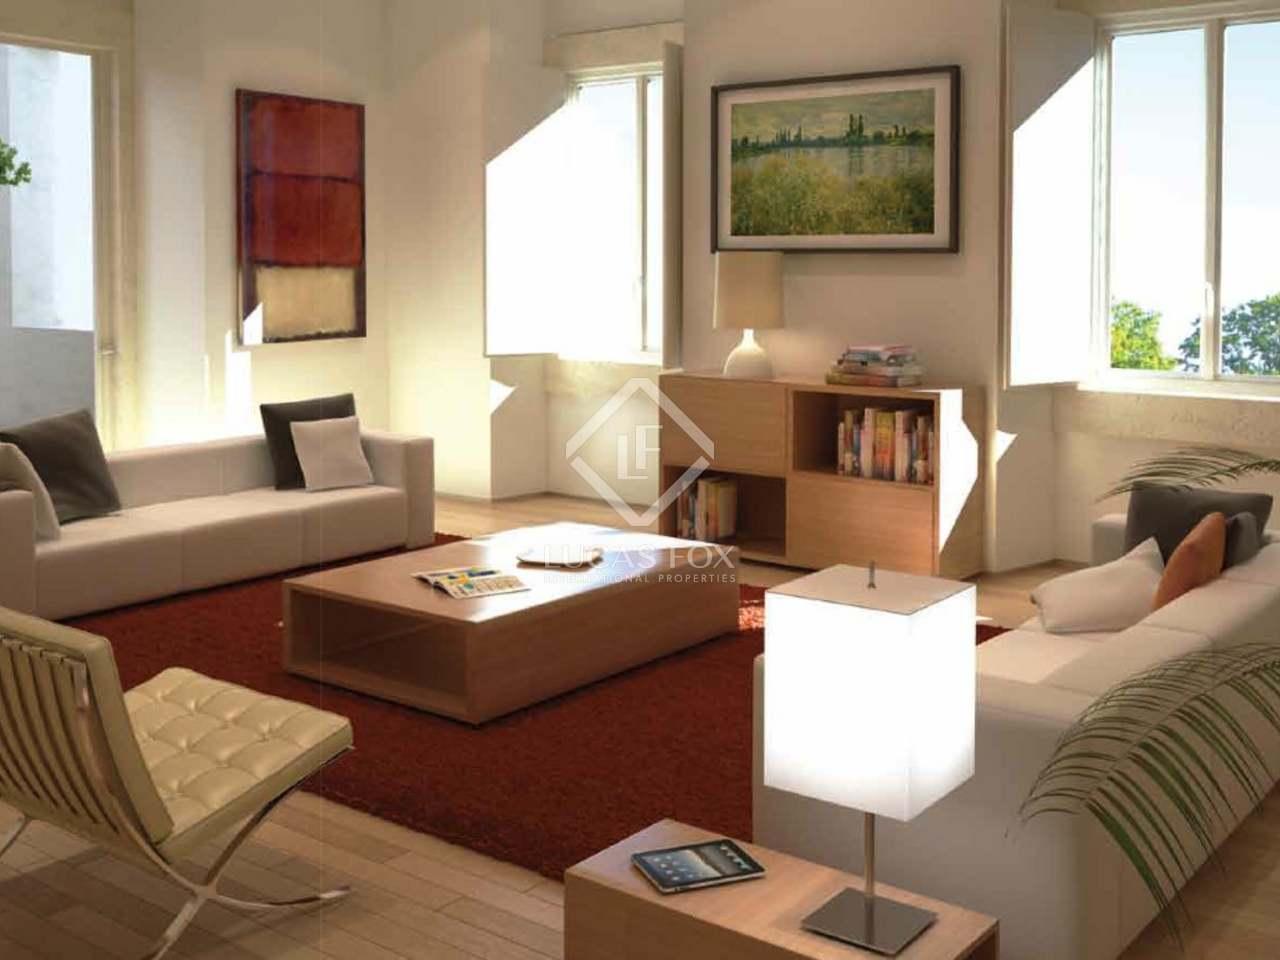 344m wohnung zum verkauf in lissabon stadt portugal. Black Bedroom Furniture Sets. Home Design Ideas